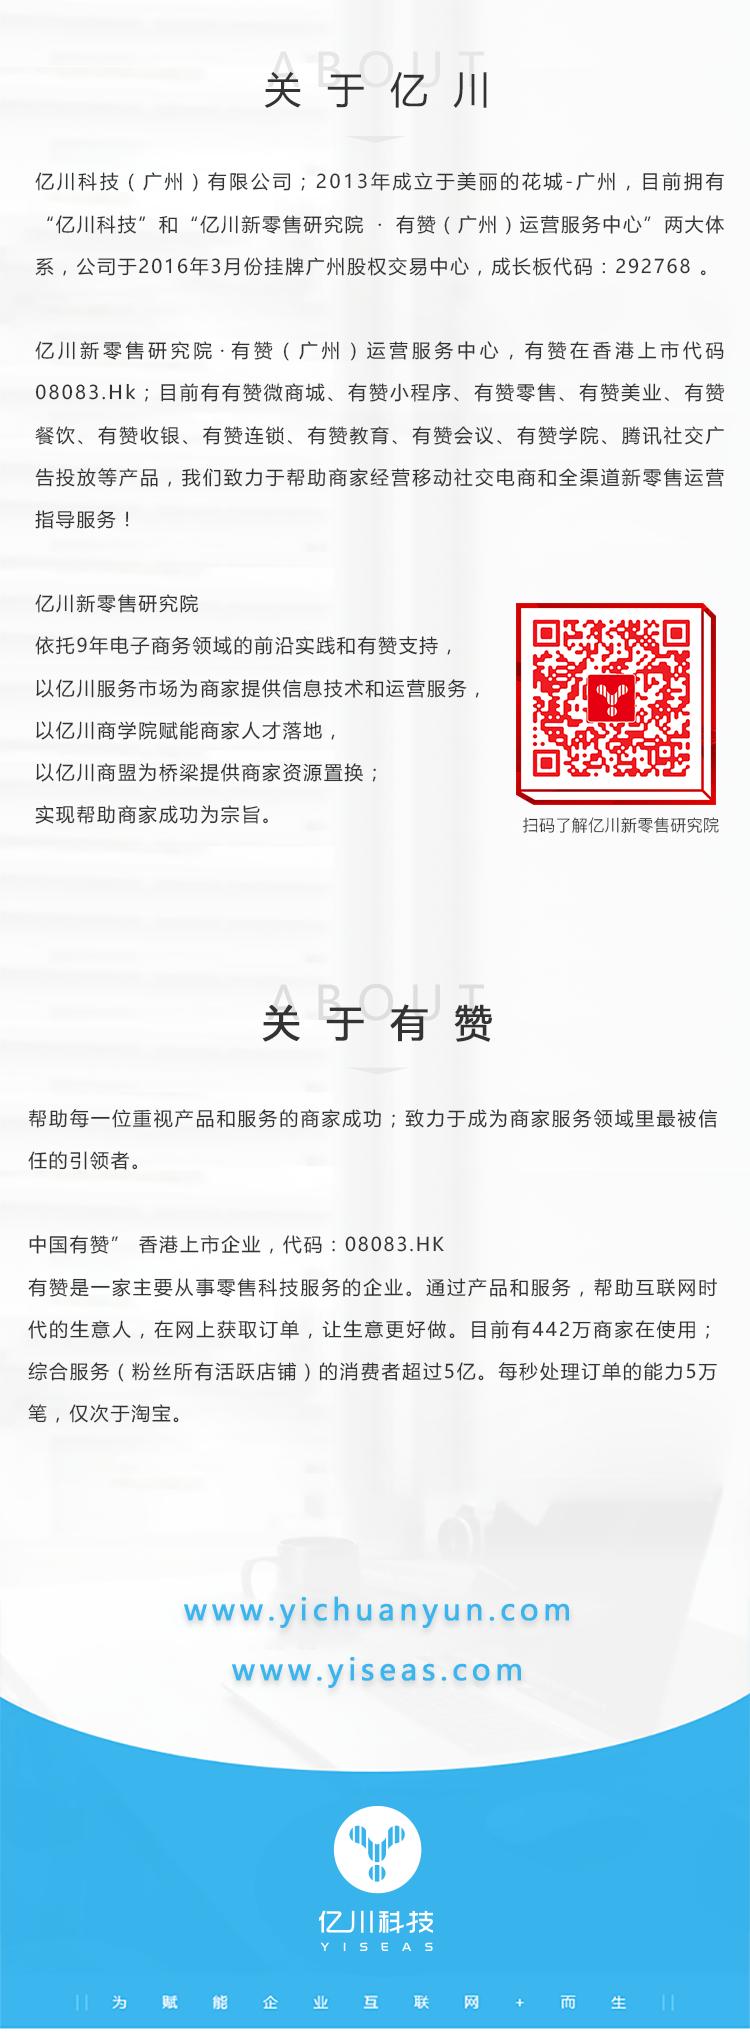 公司介绍-有赞_01.png